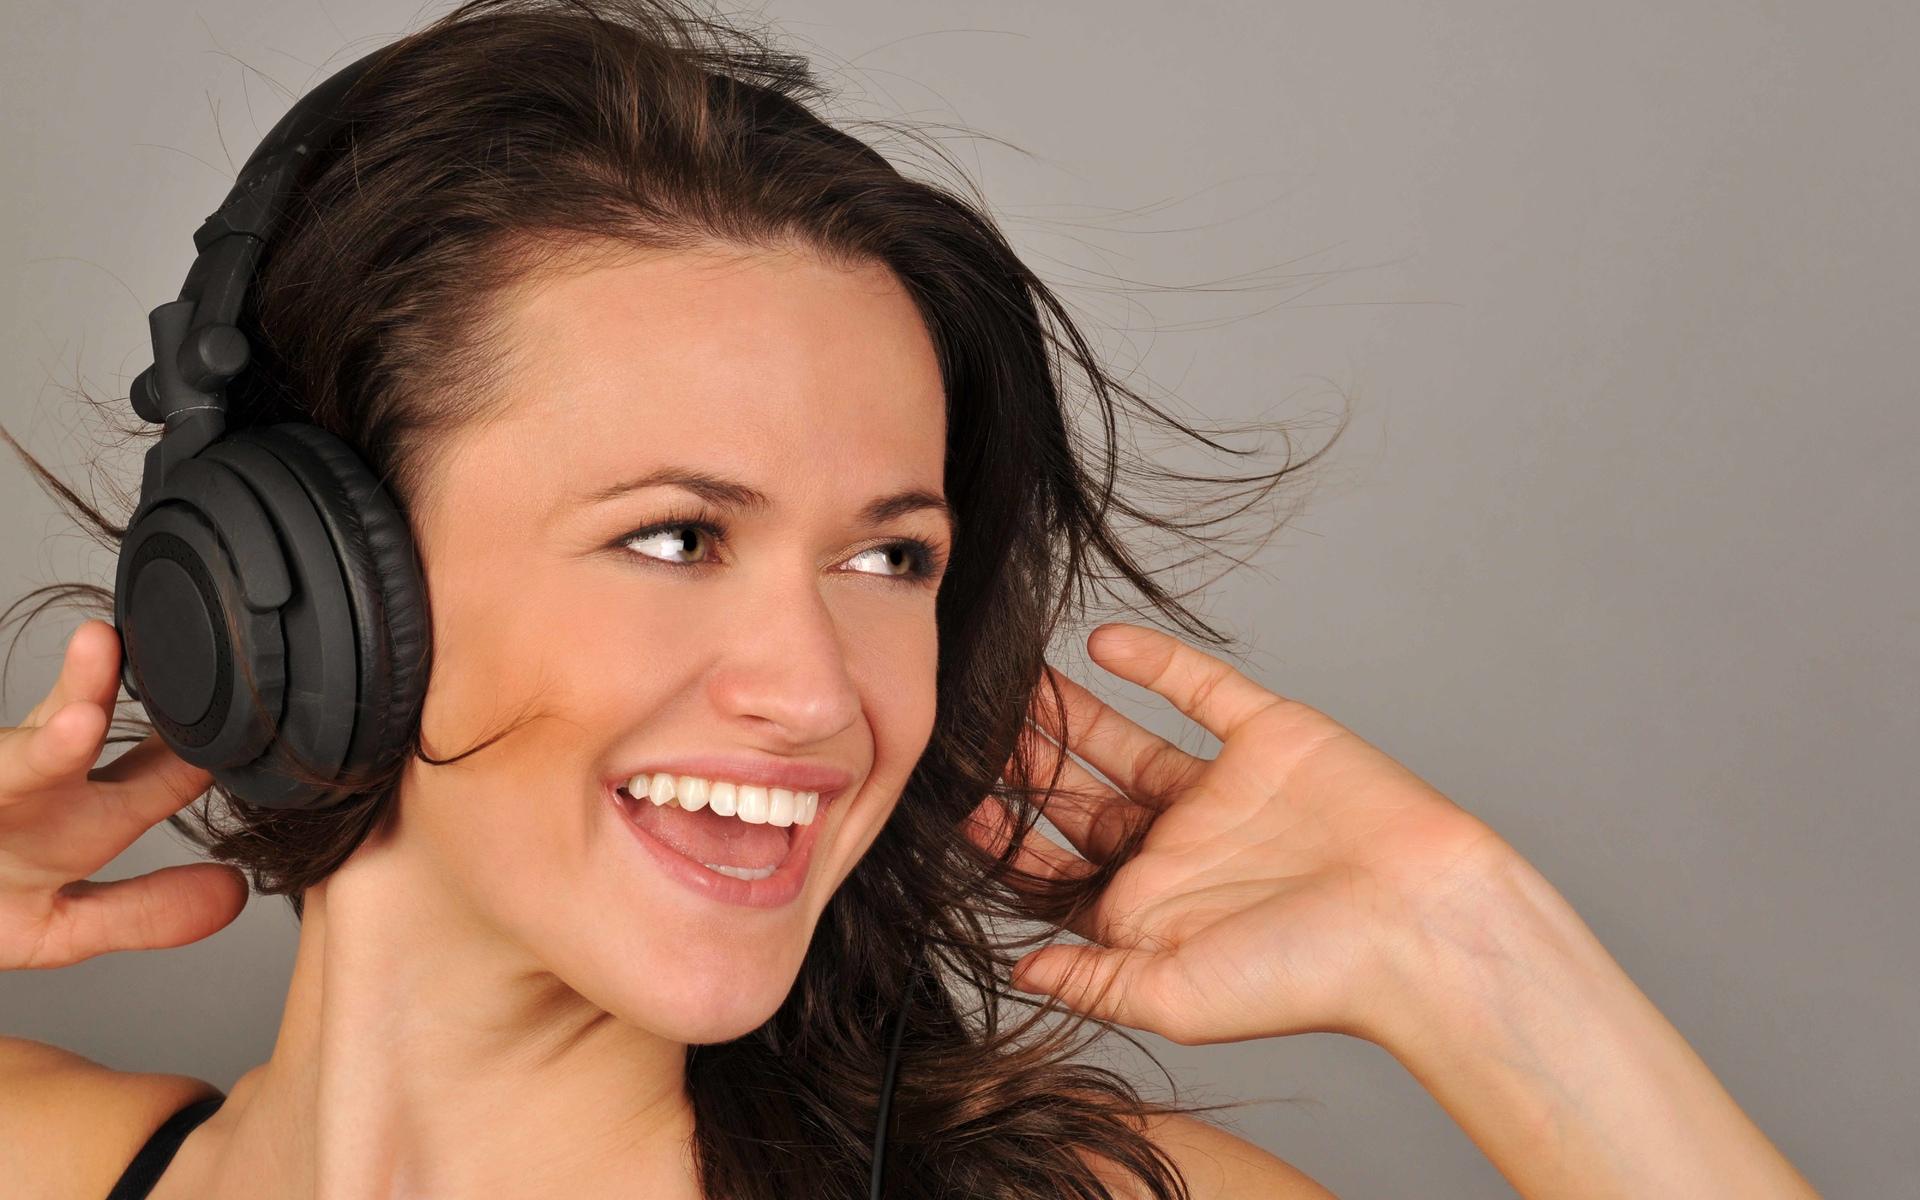 HDoboi.Kiev.ua - Девушка брюнетка слушает музыку в отличном настроение